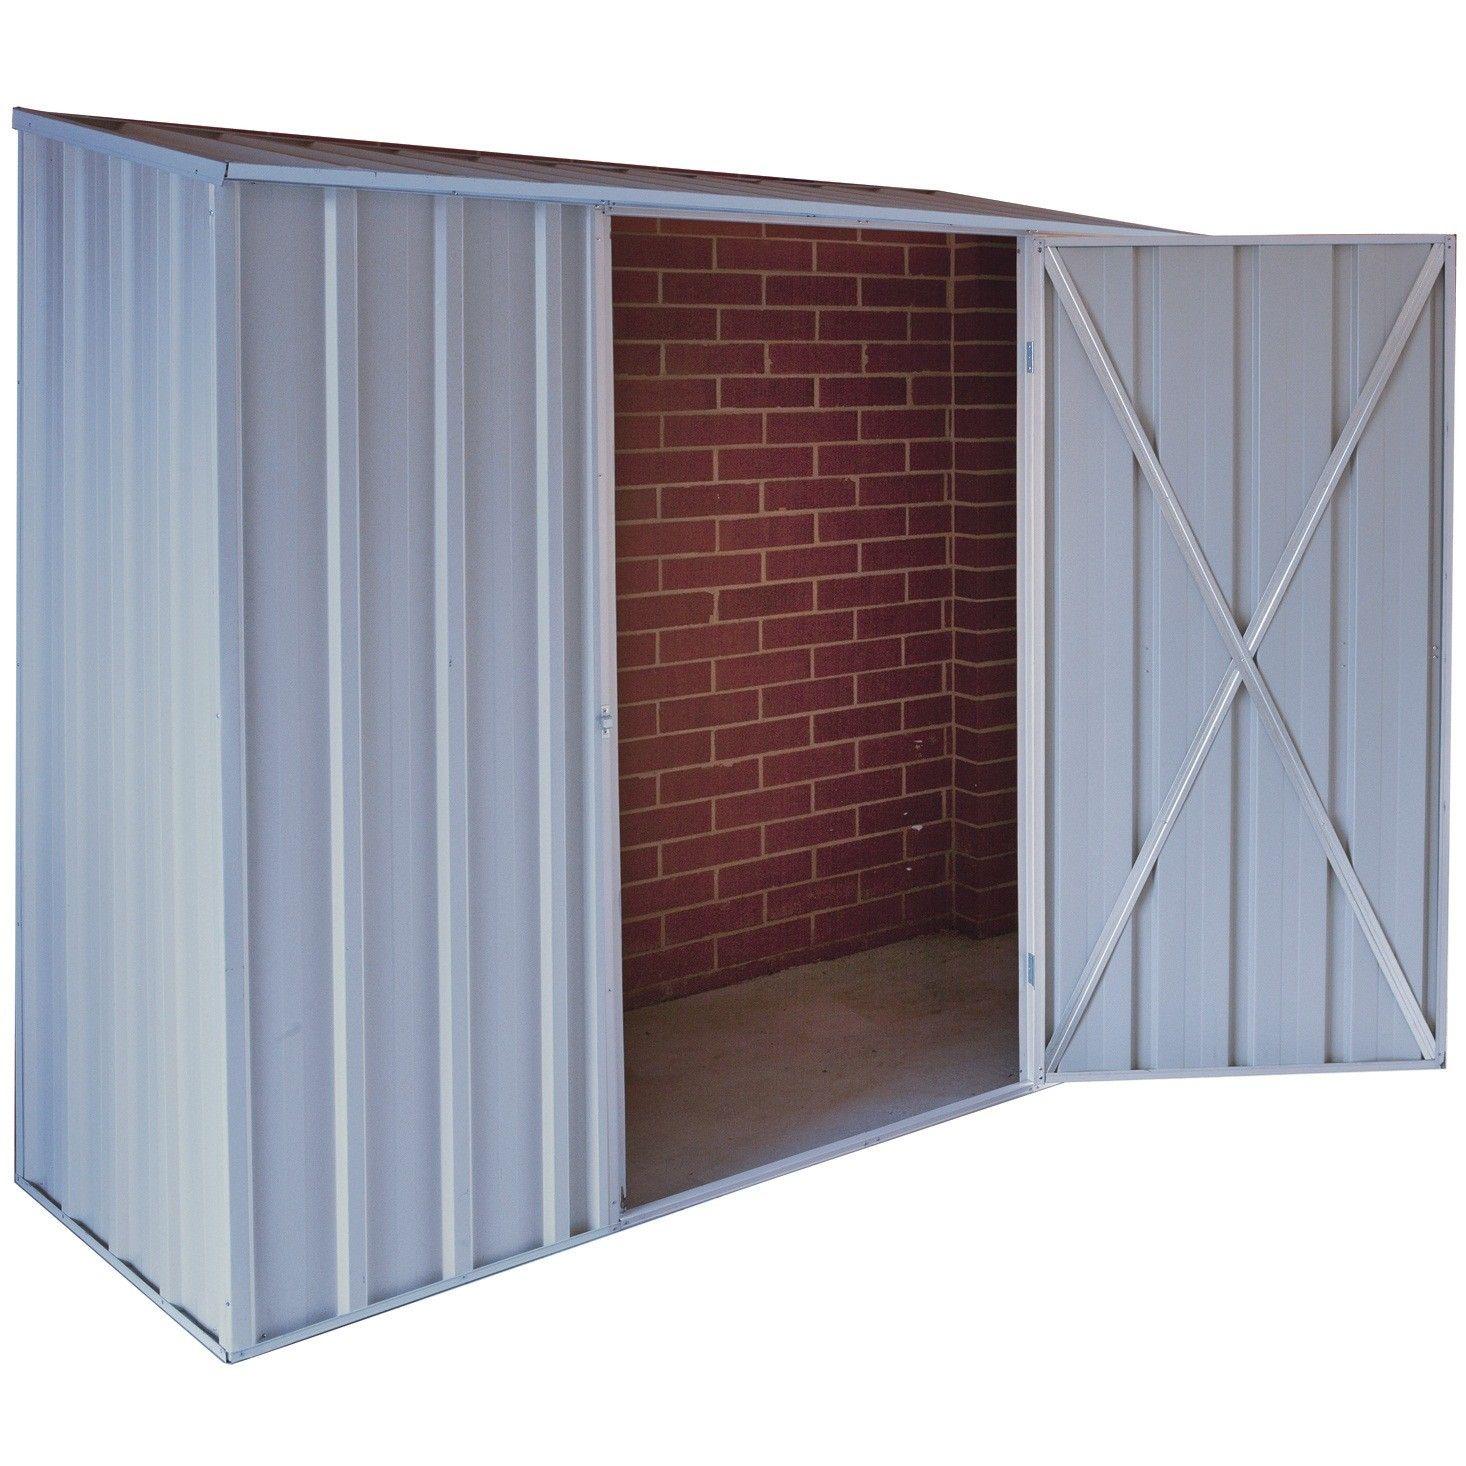 endurashed 0219ez compact off the wall 8 x 3 zinc aluminium shed - Garden Sheds 8 X 3